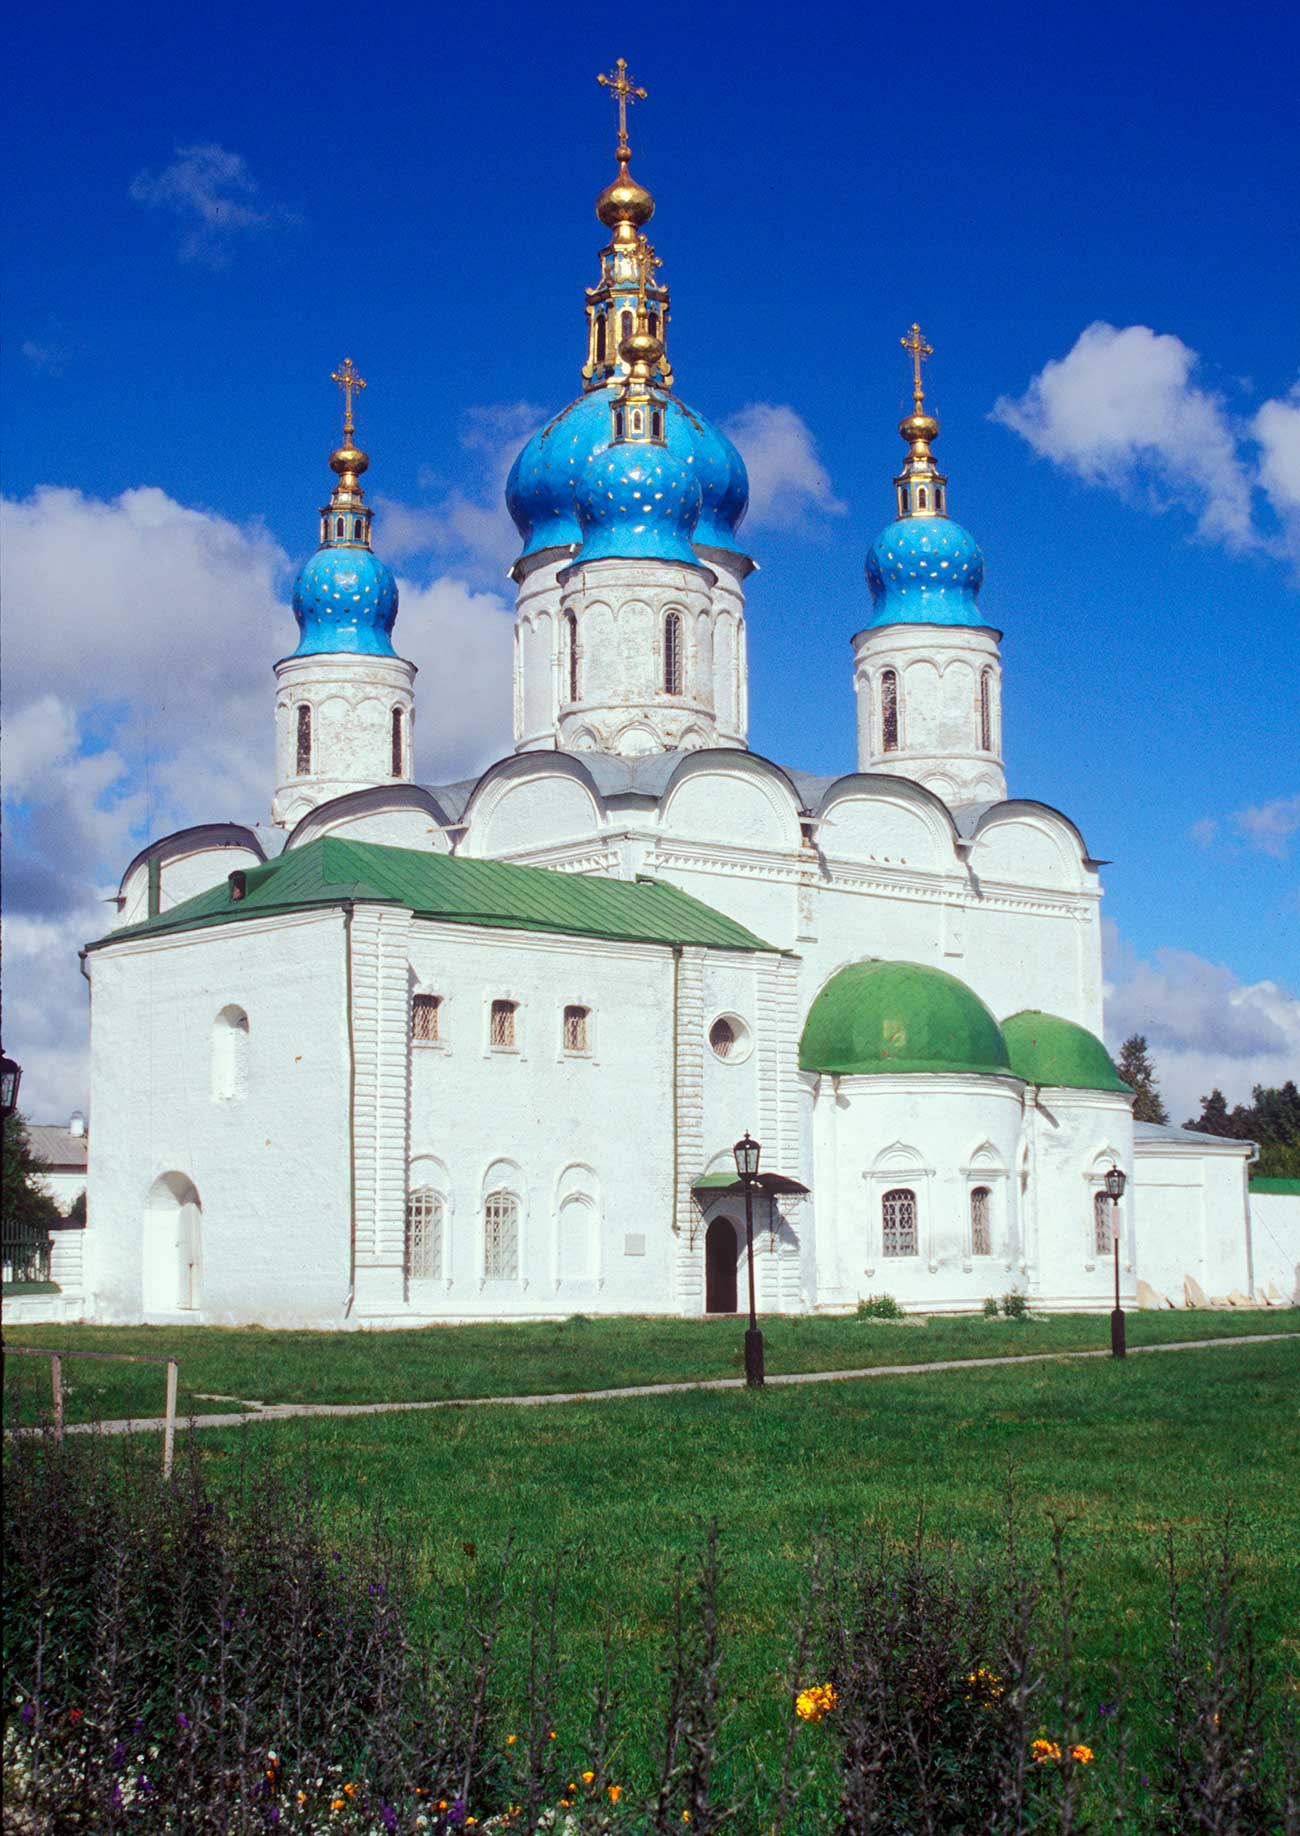 La Cattedrale di Santa Sofia della Dormizione, Tobolsk. Foto scattata nell'agosto 1999. Fonte: William Brumfield